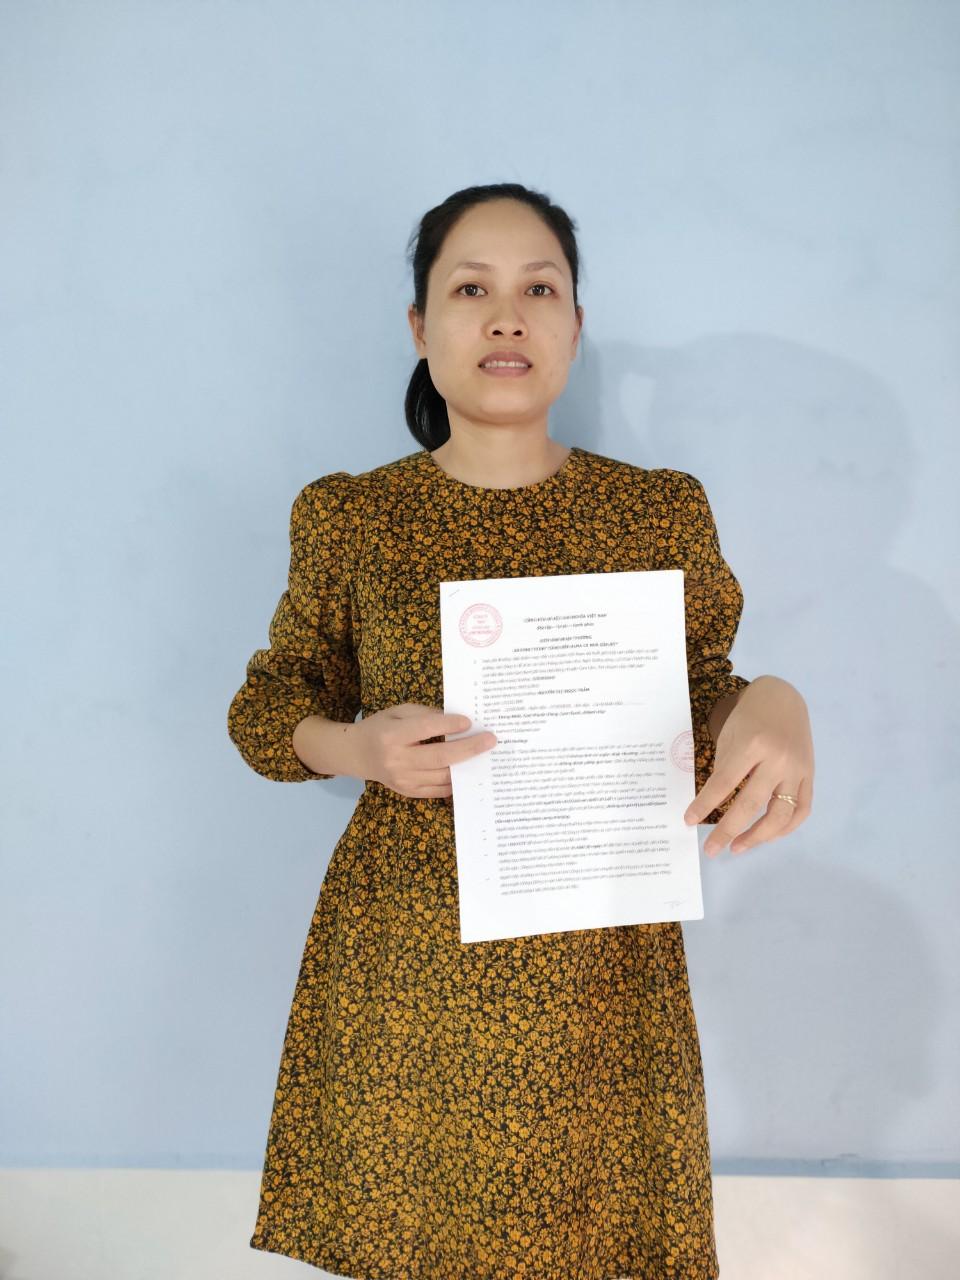 Công ty Vịnh Thiên Đường tặng gói nghỉ dưỡng gắn kết gia đình cho người tiêu dùng Khánh Hòa - Ảnh 1